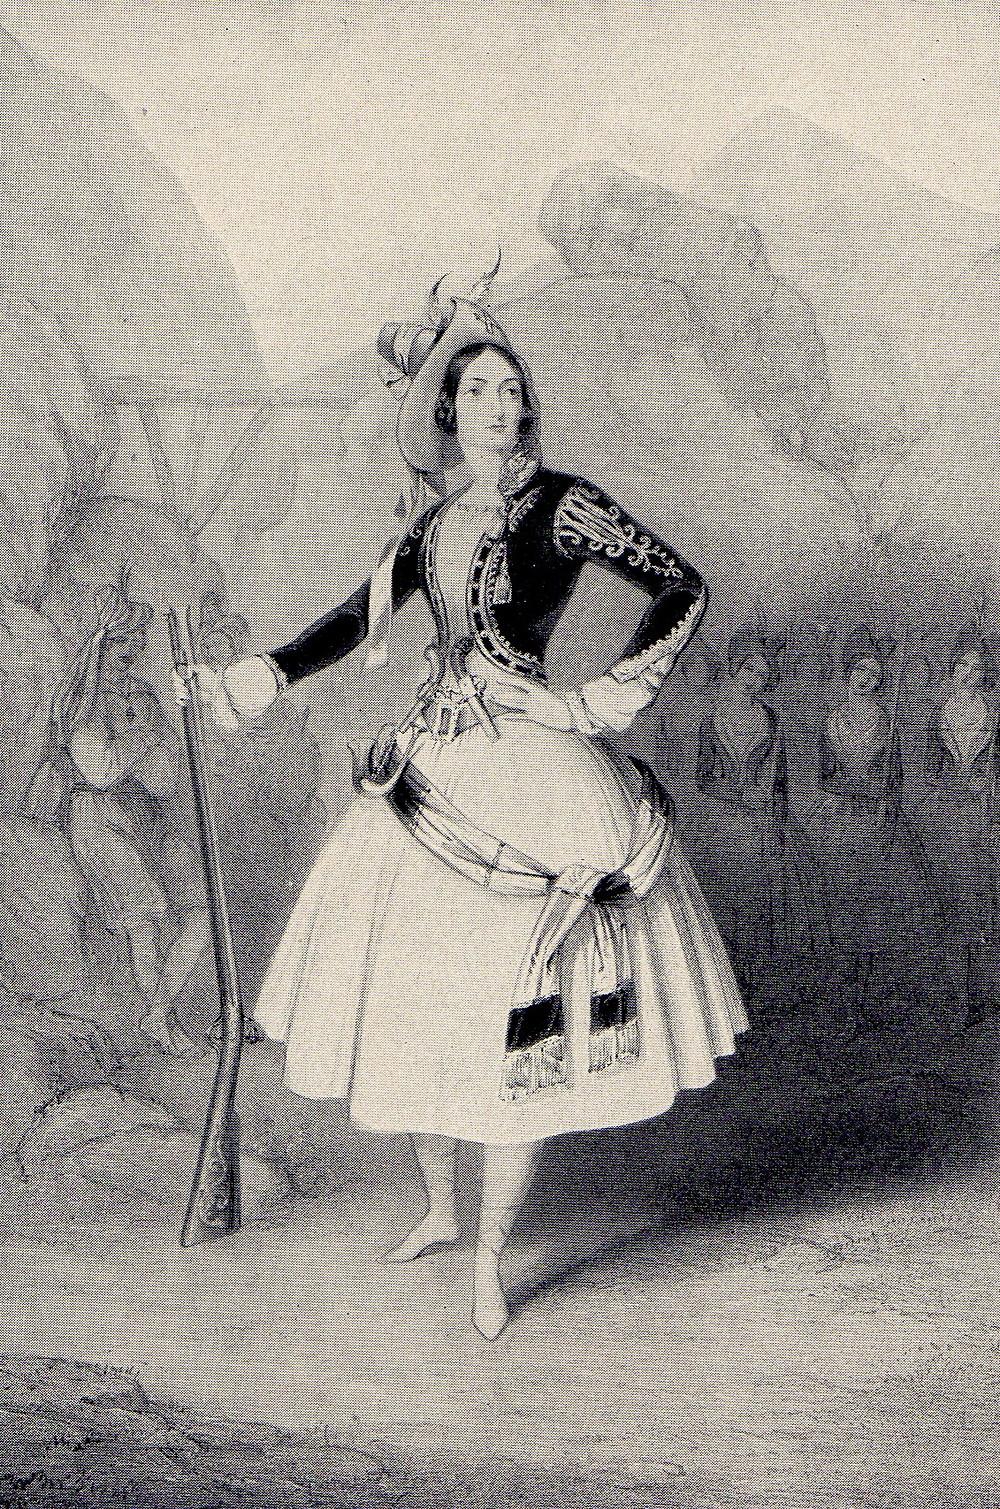 Caterina_-Act_I-Scene_I_-Lucile_Grahn_-London_-1846.JPG